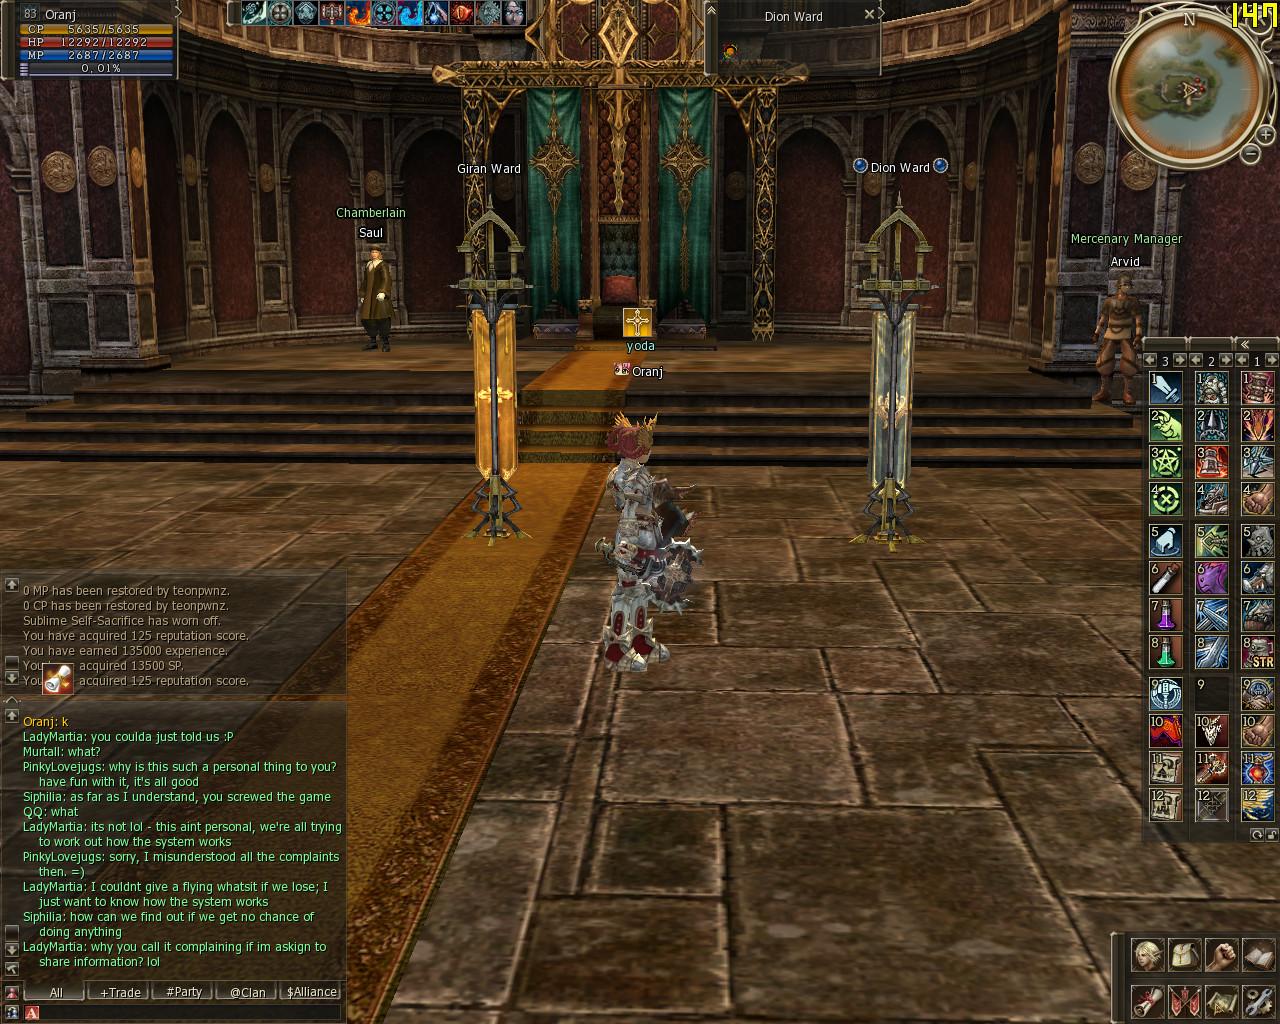 lineage ii иконки кланов: